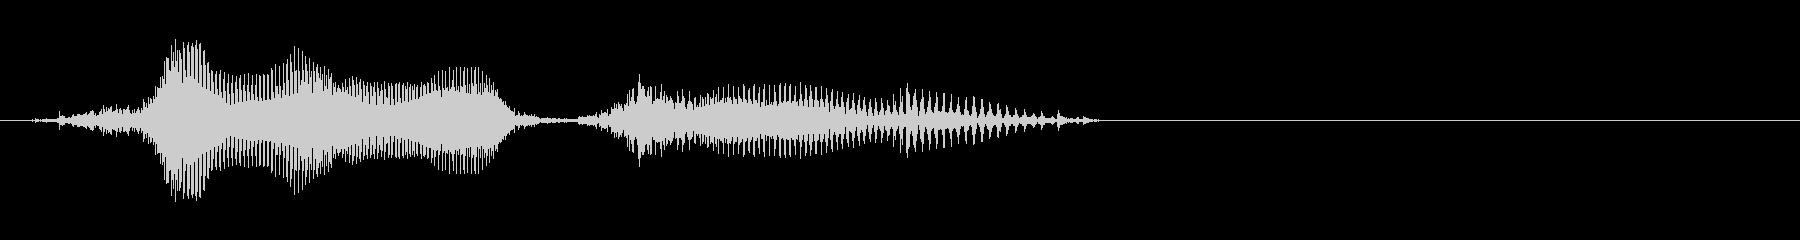 90の未再生の波形